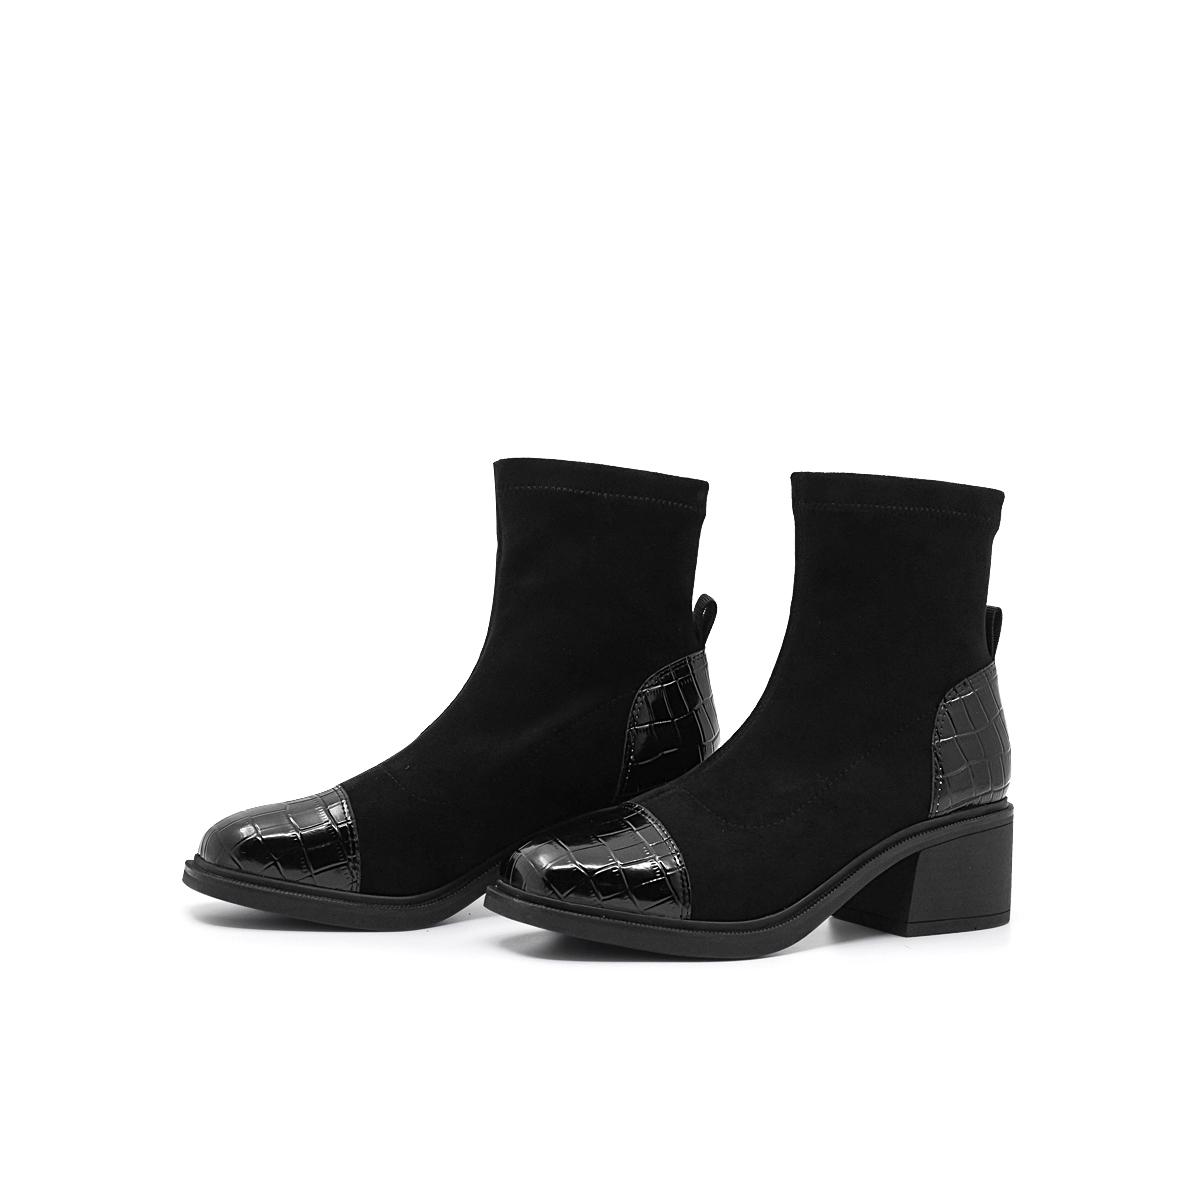 SS04116692 冬季新款方头粗跟中跟时装靴短靴 2020 星期六弹力靴袜靴